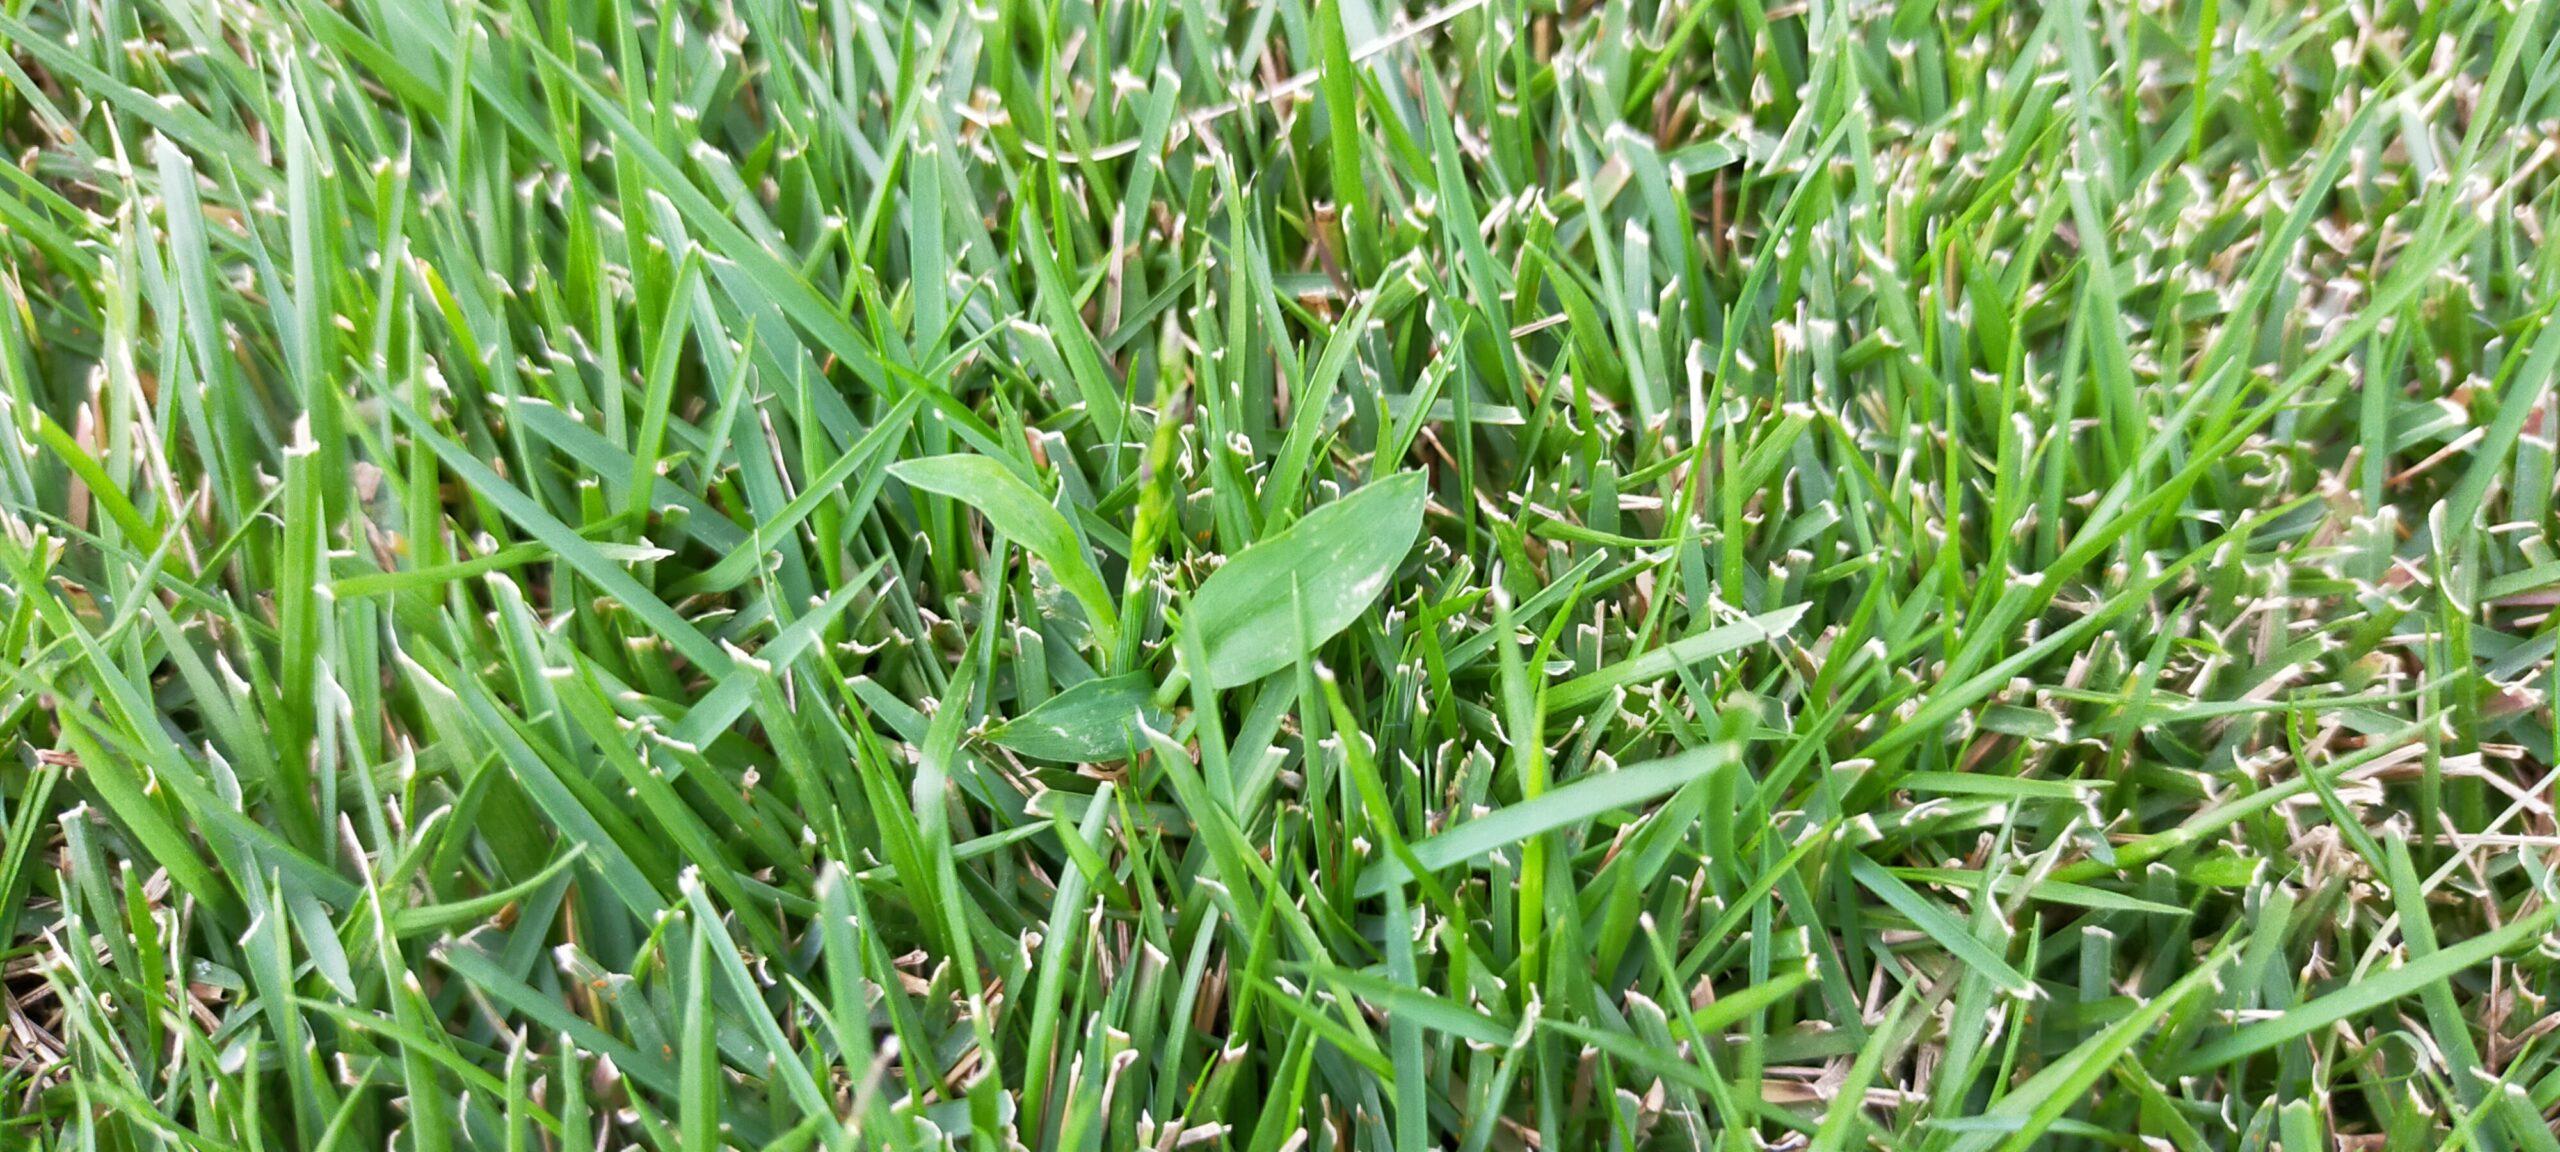 秋は芝生に越年生雑草が生える時期😄✨【stand.fm】